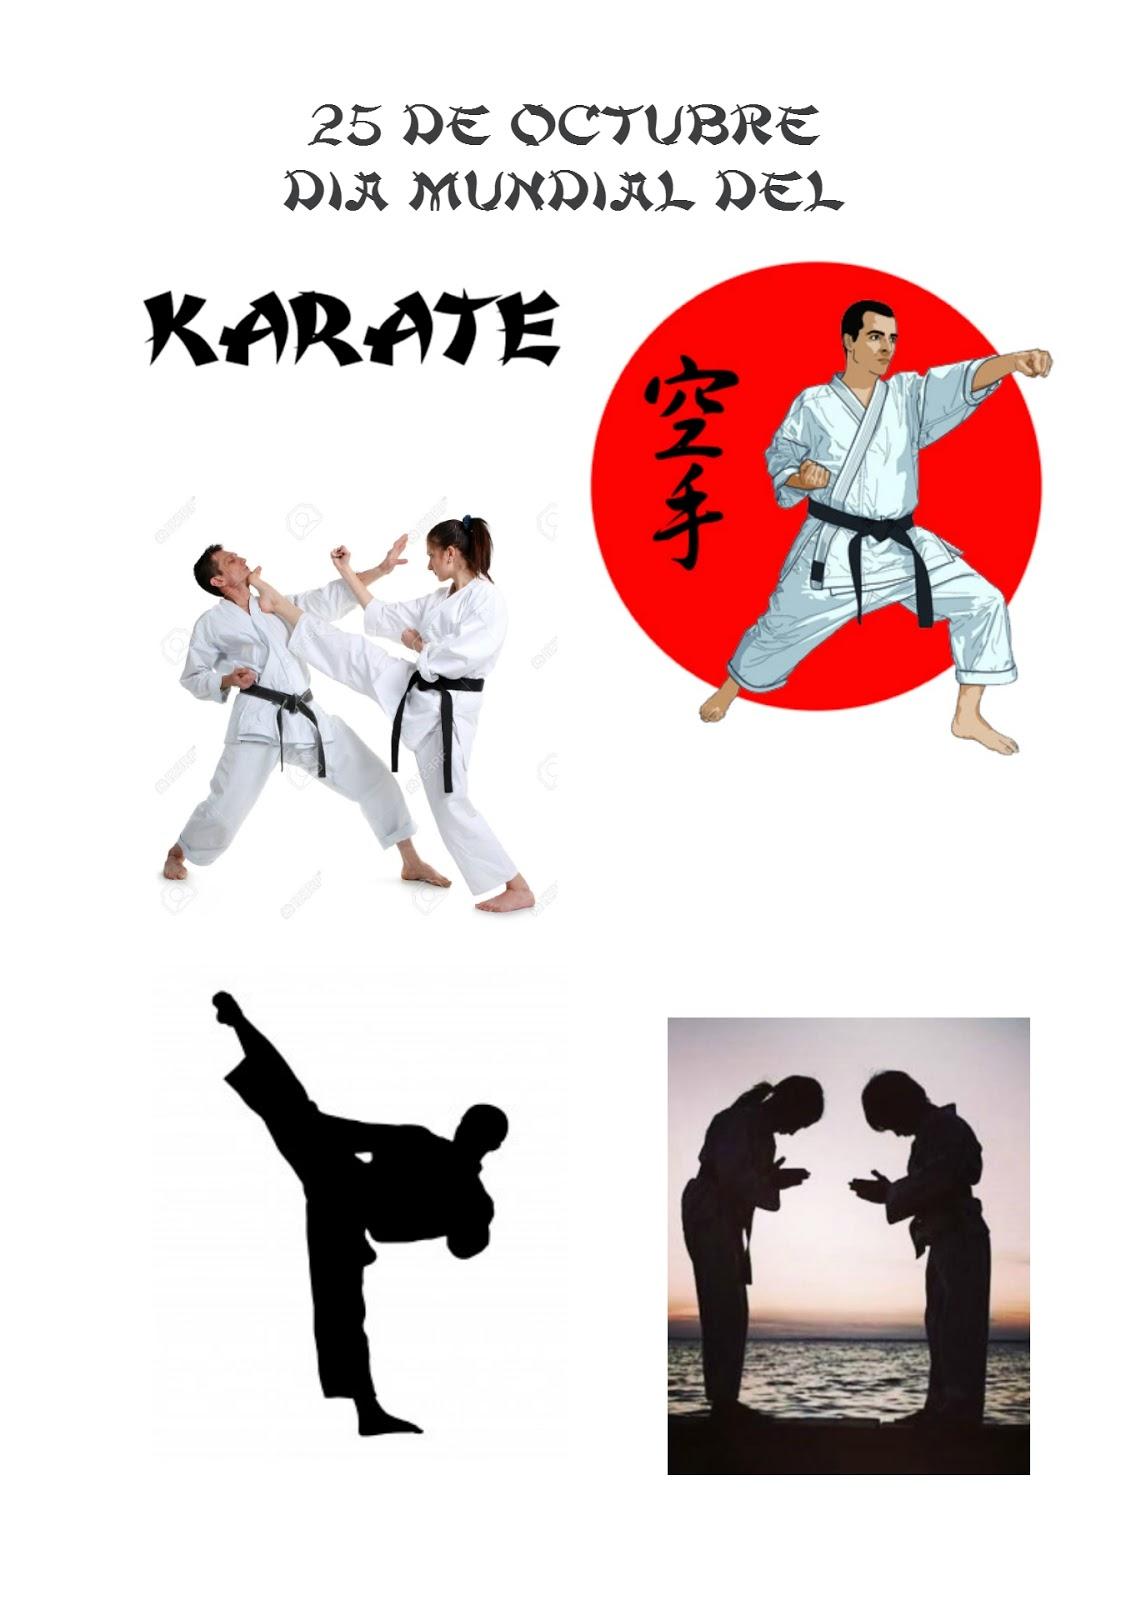 Tus Efemérides Escolares: 25 de Octubre Día Mundial del Karate